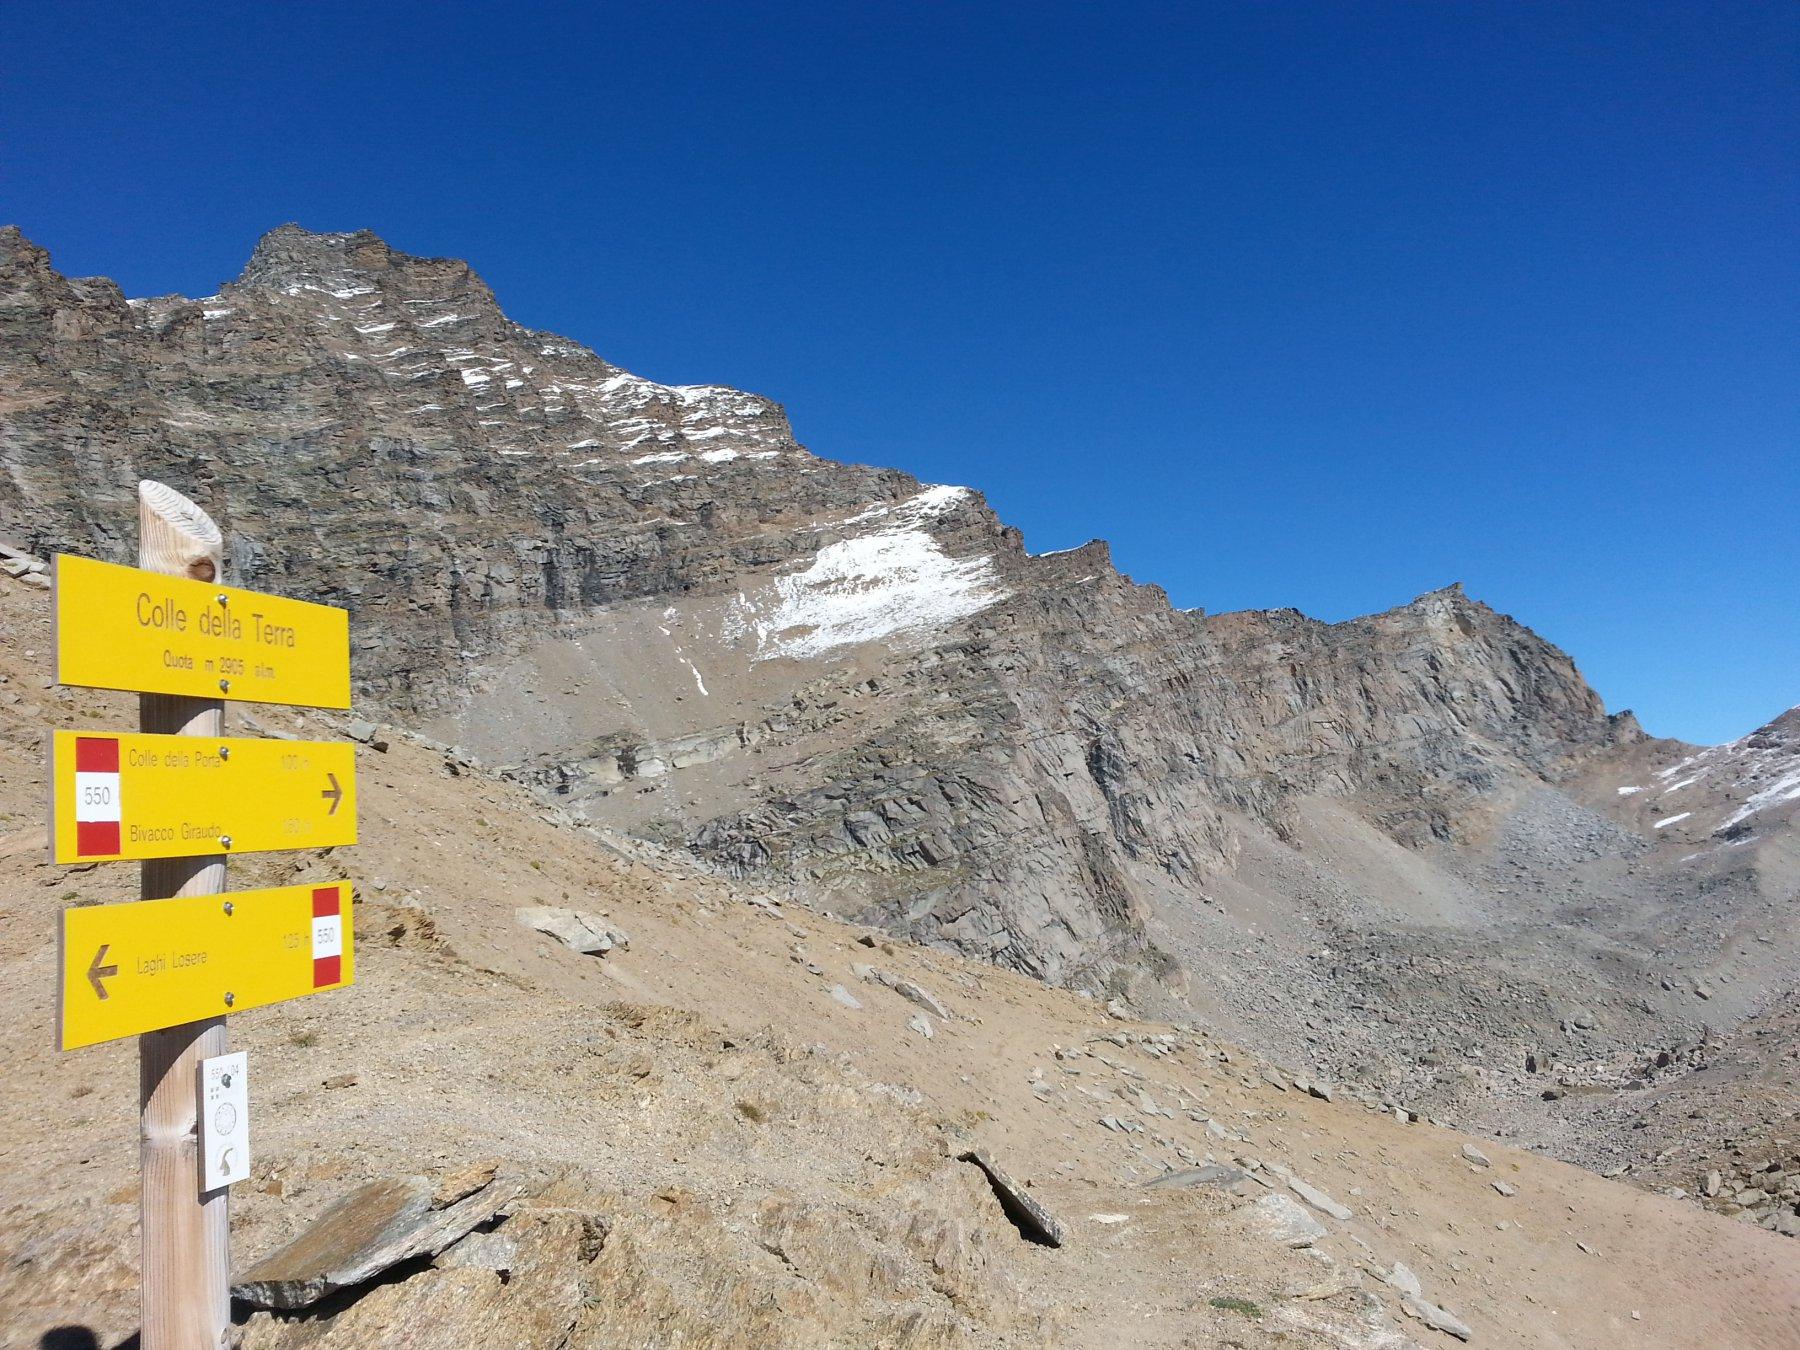 Arrivo al colle della Terra  (2905 m)